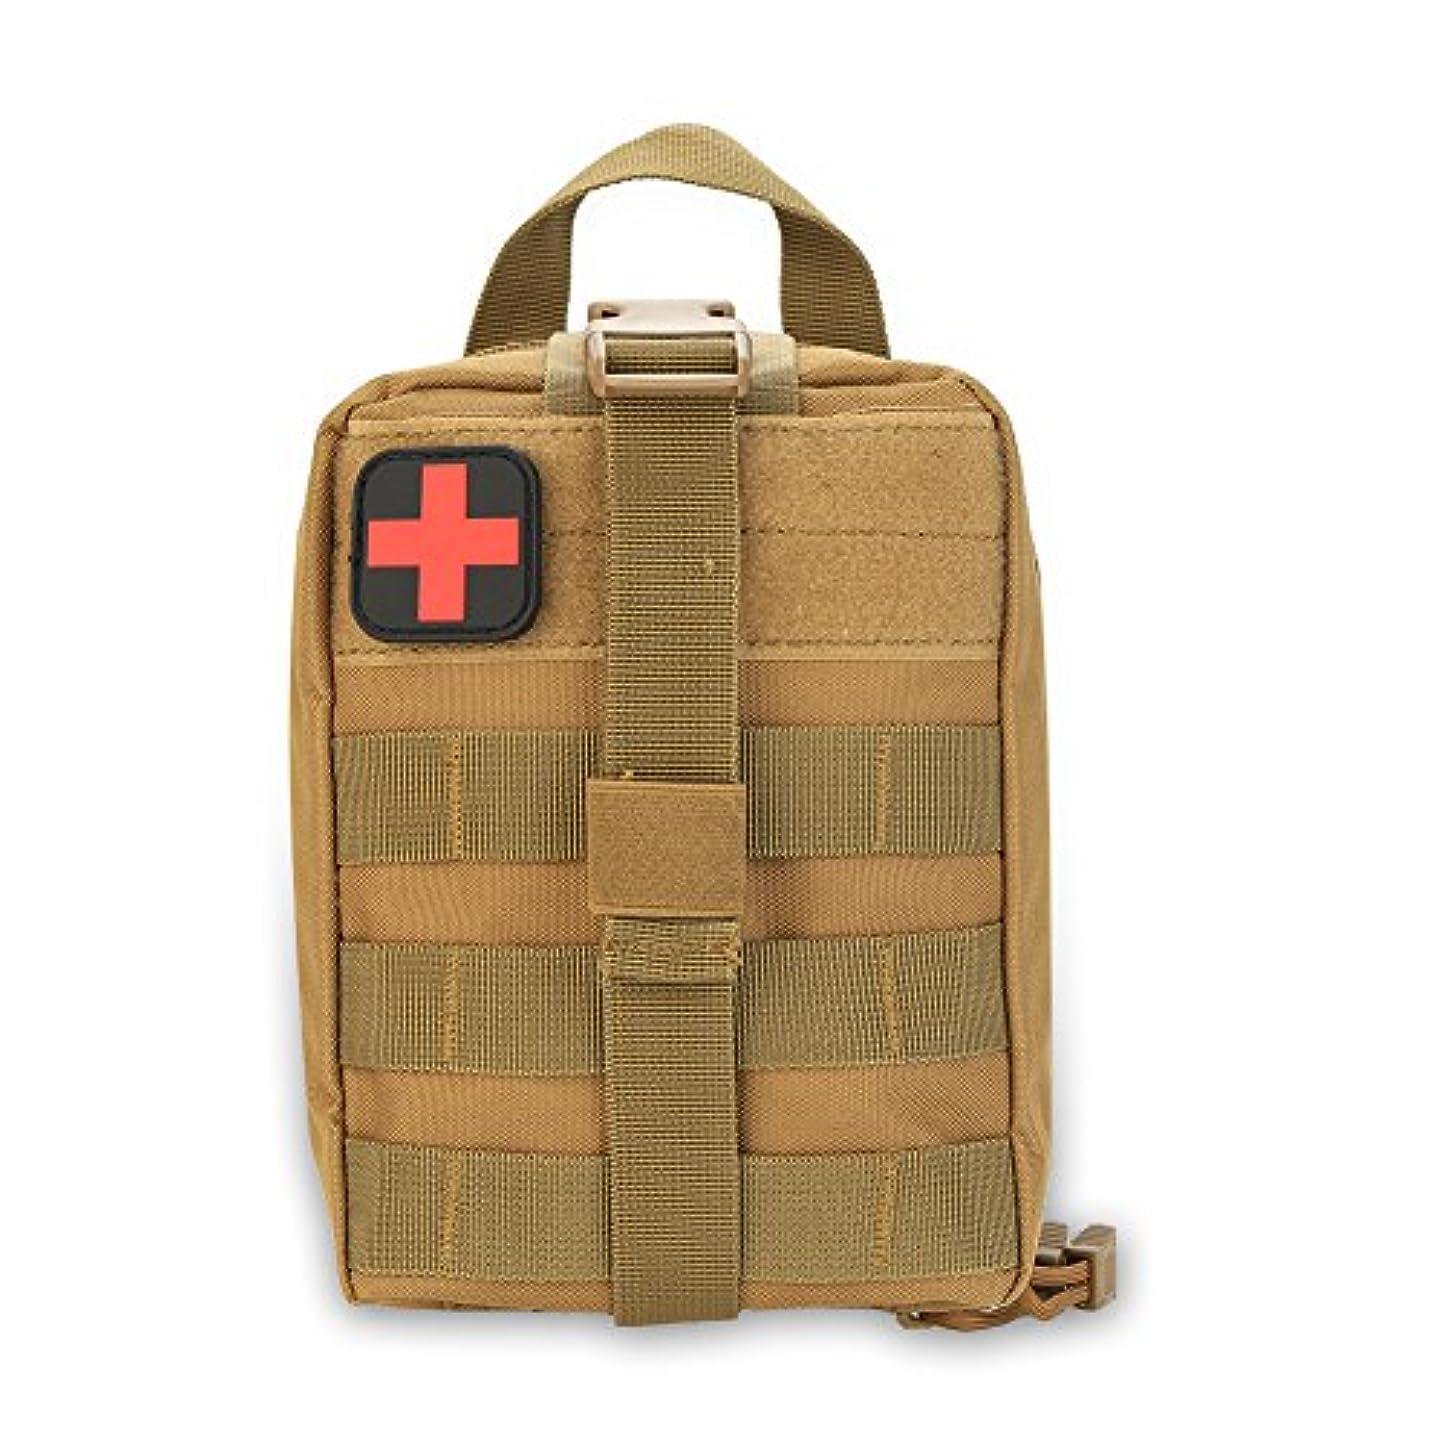 テニス異議の中でメディカルポーチ 医療バッグ 緊急ポーチ サバイバルバッグ ミリタリーポーチ 軽量 多機能 600Dオックスフォード 登山 防災用 応急処置バッグ